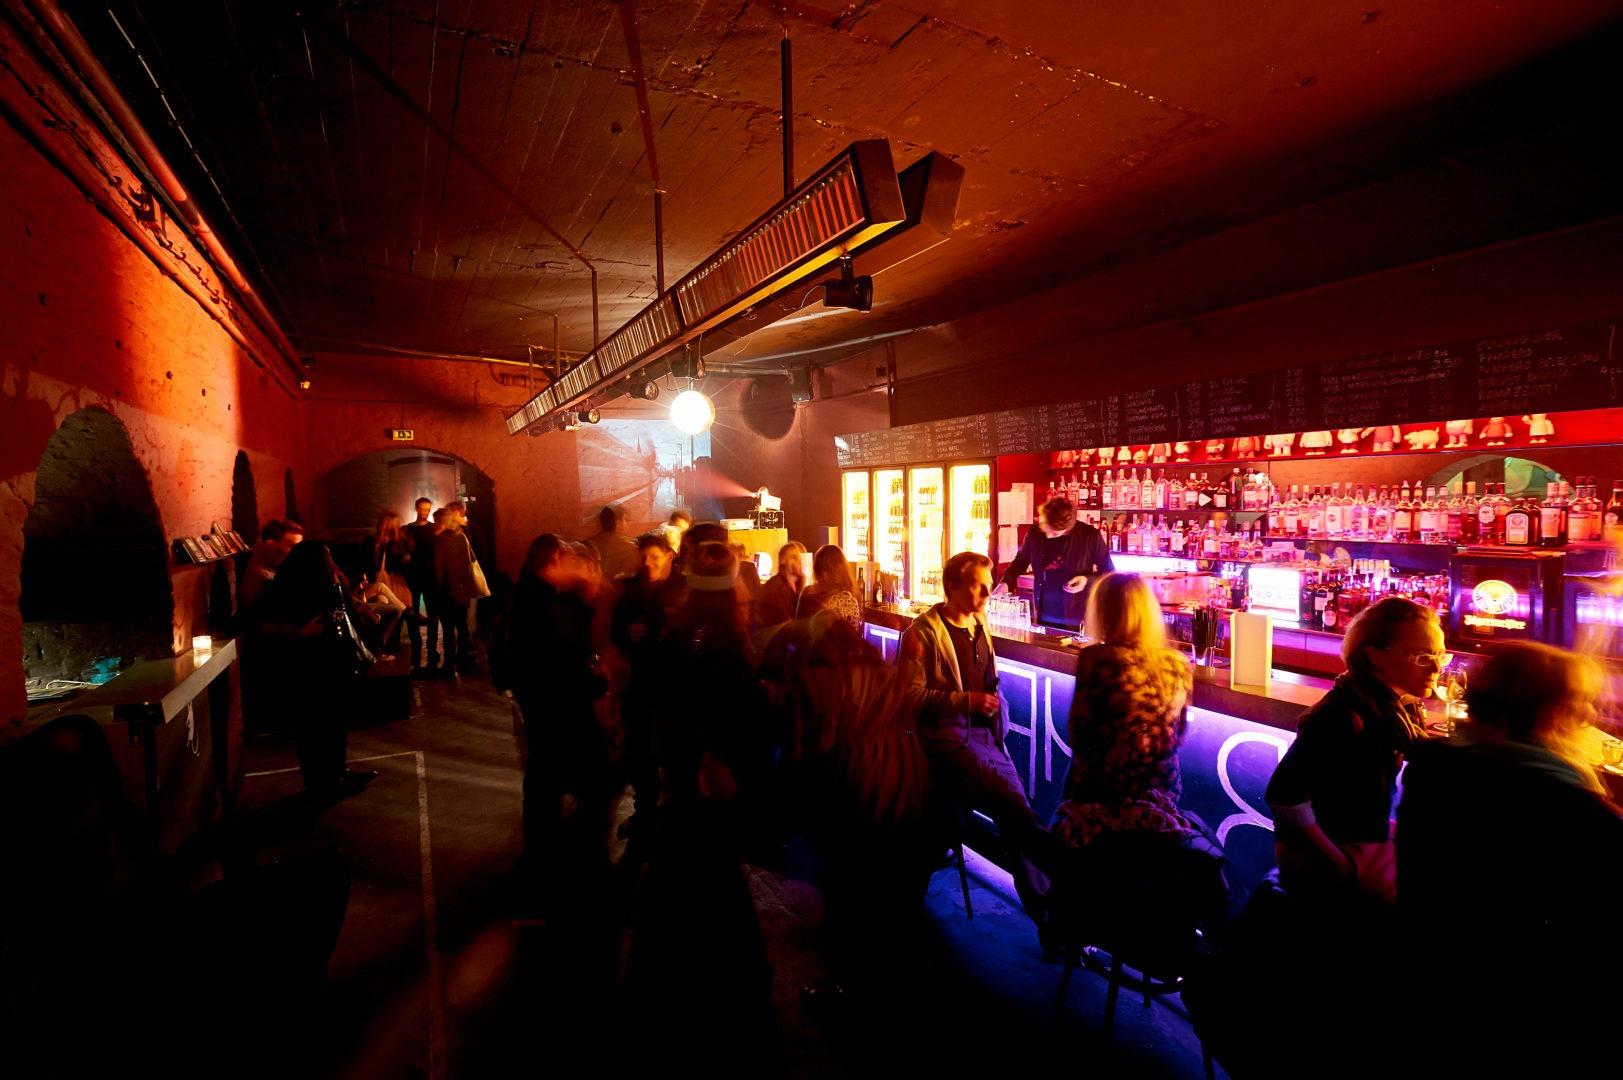 0122.0514_Nachtleben_Bar und Club Arty Farty (c) Axel Schulten _ K+ÂlnTourismus GmbH